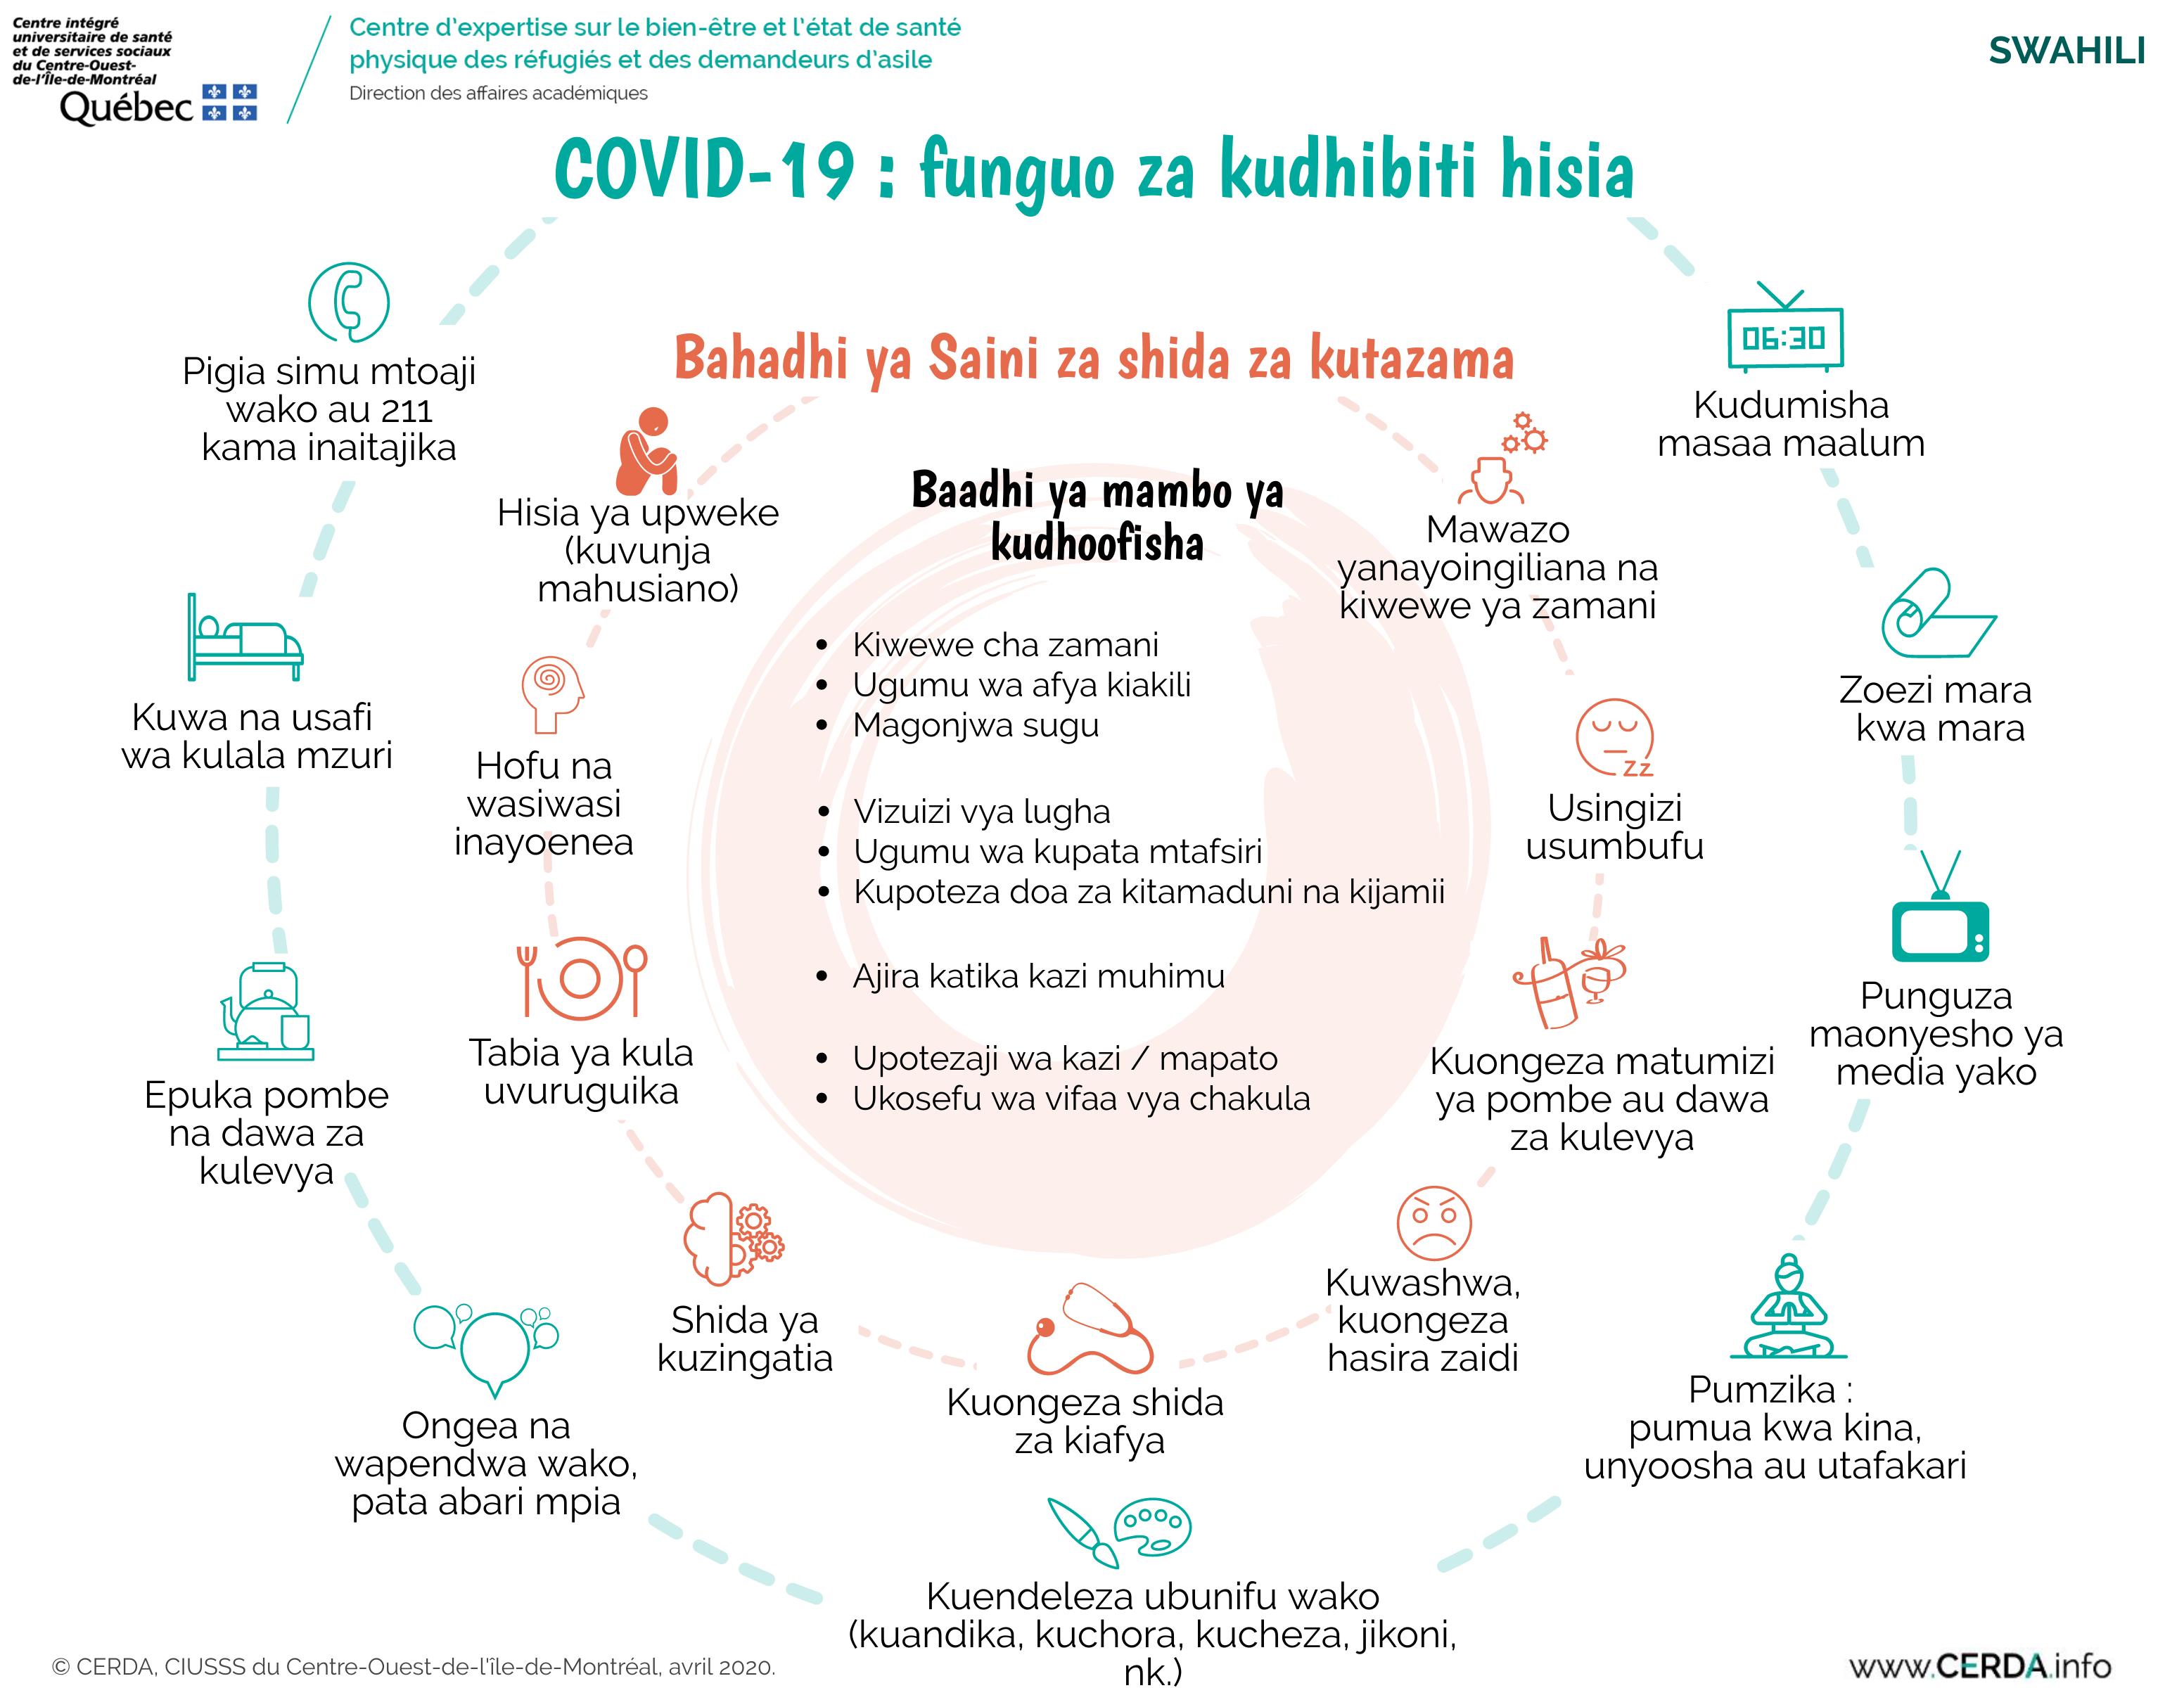 INFO - COVID-19 : des clés pour gérer ses émotions - Swahili